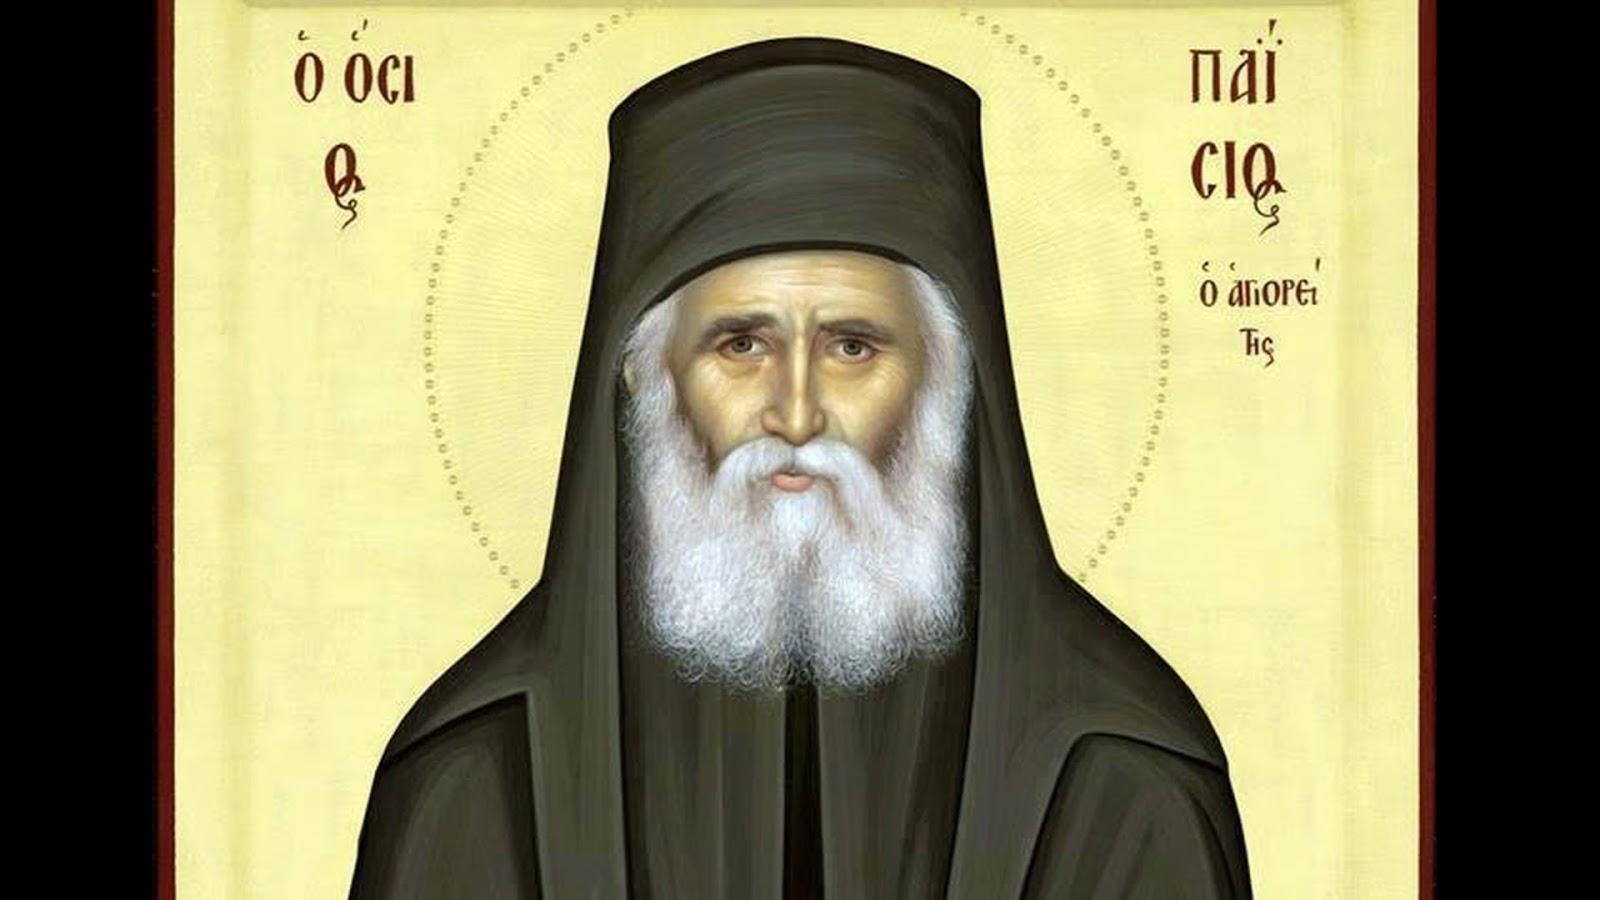 Wüstenlicht Orthodoxie-Orthodoxy : Eine wahre Geschichte